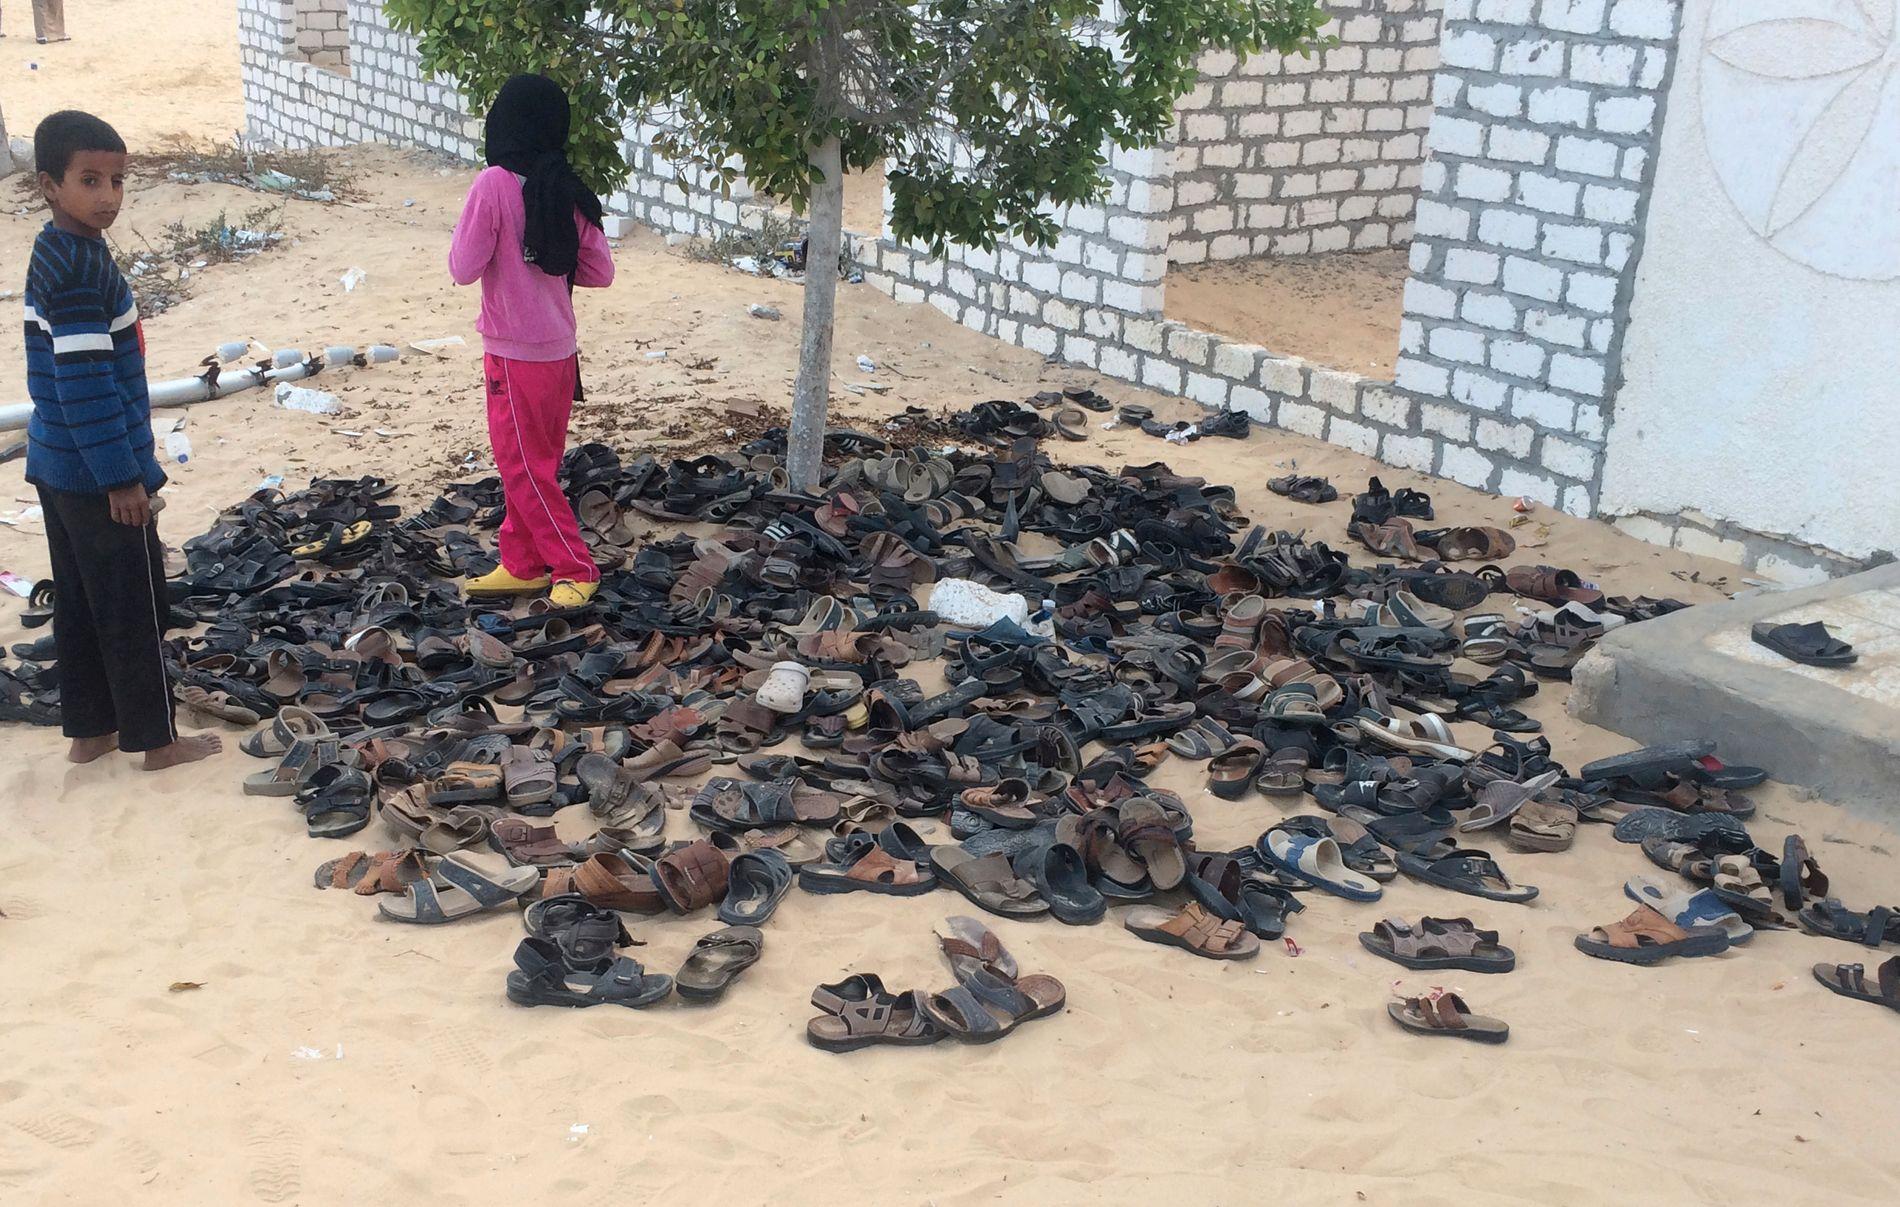 FORLATTE SKO: To barn ser på alle sandalene som ligger igjen utenfor moskeen i al-Rawda i Nord-Sinai, der 305 personer ble drept under fredagsbønn.